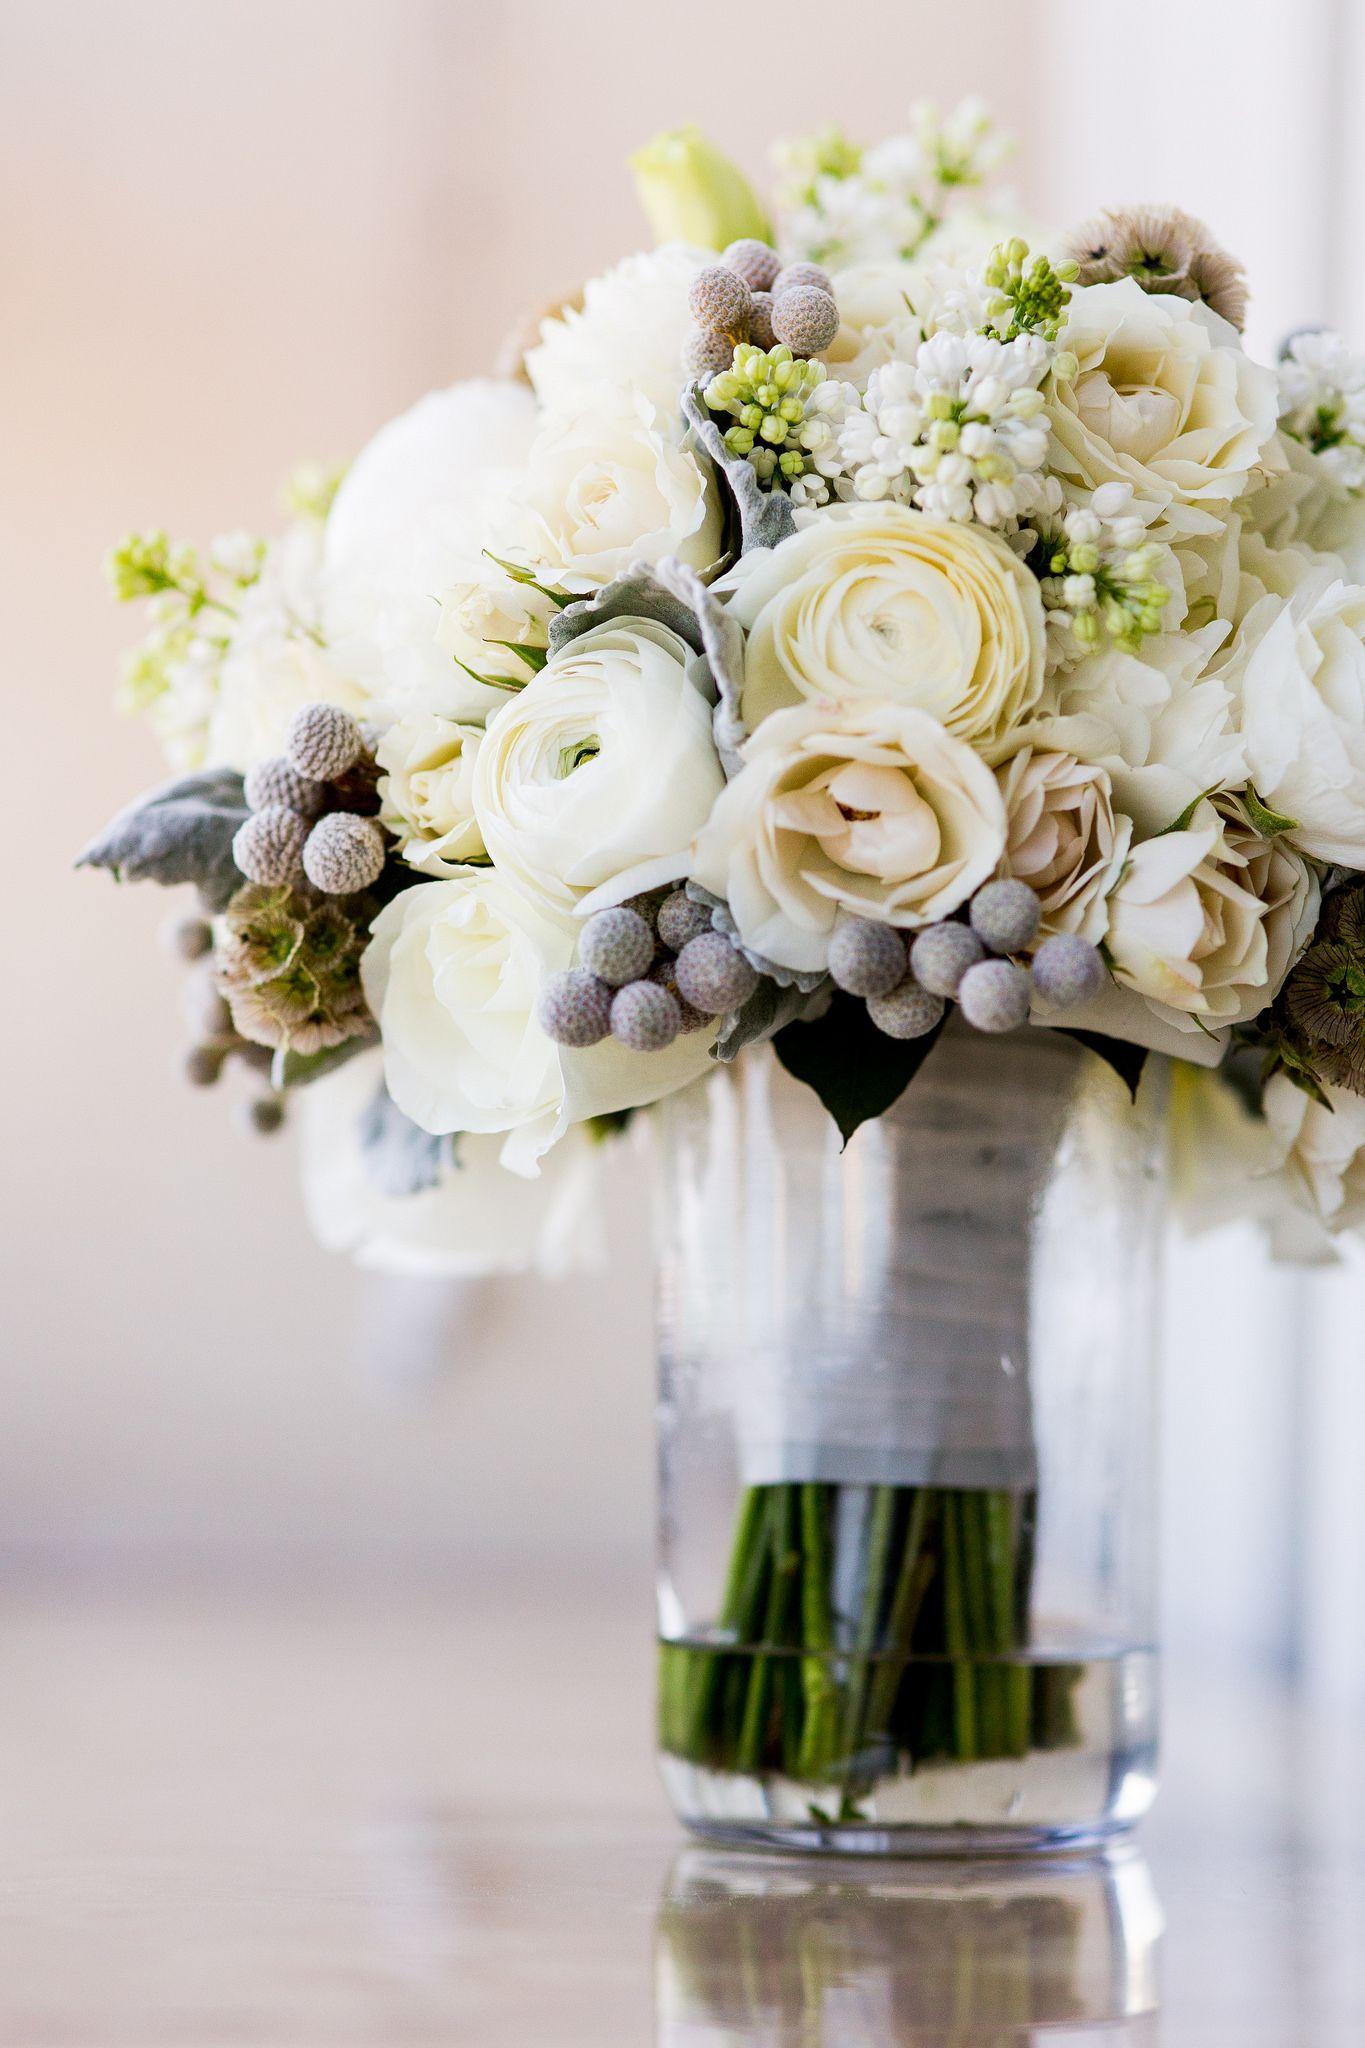 Breath-taking flower bouquet from #blisschicago #weddings #wow ...